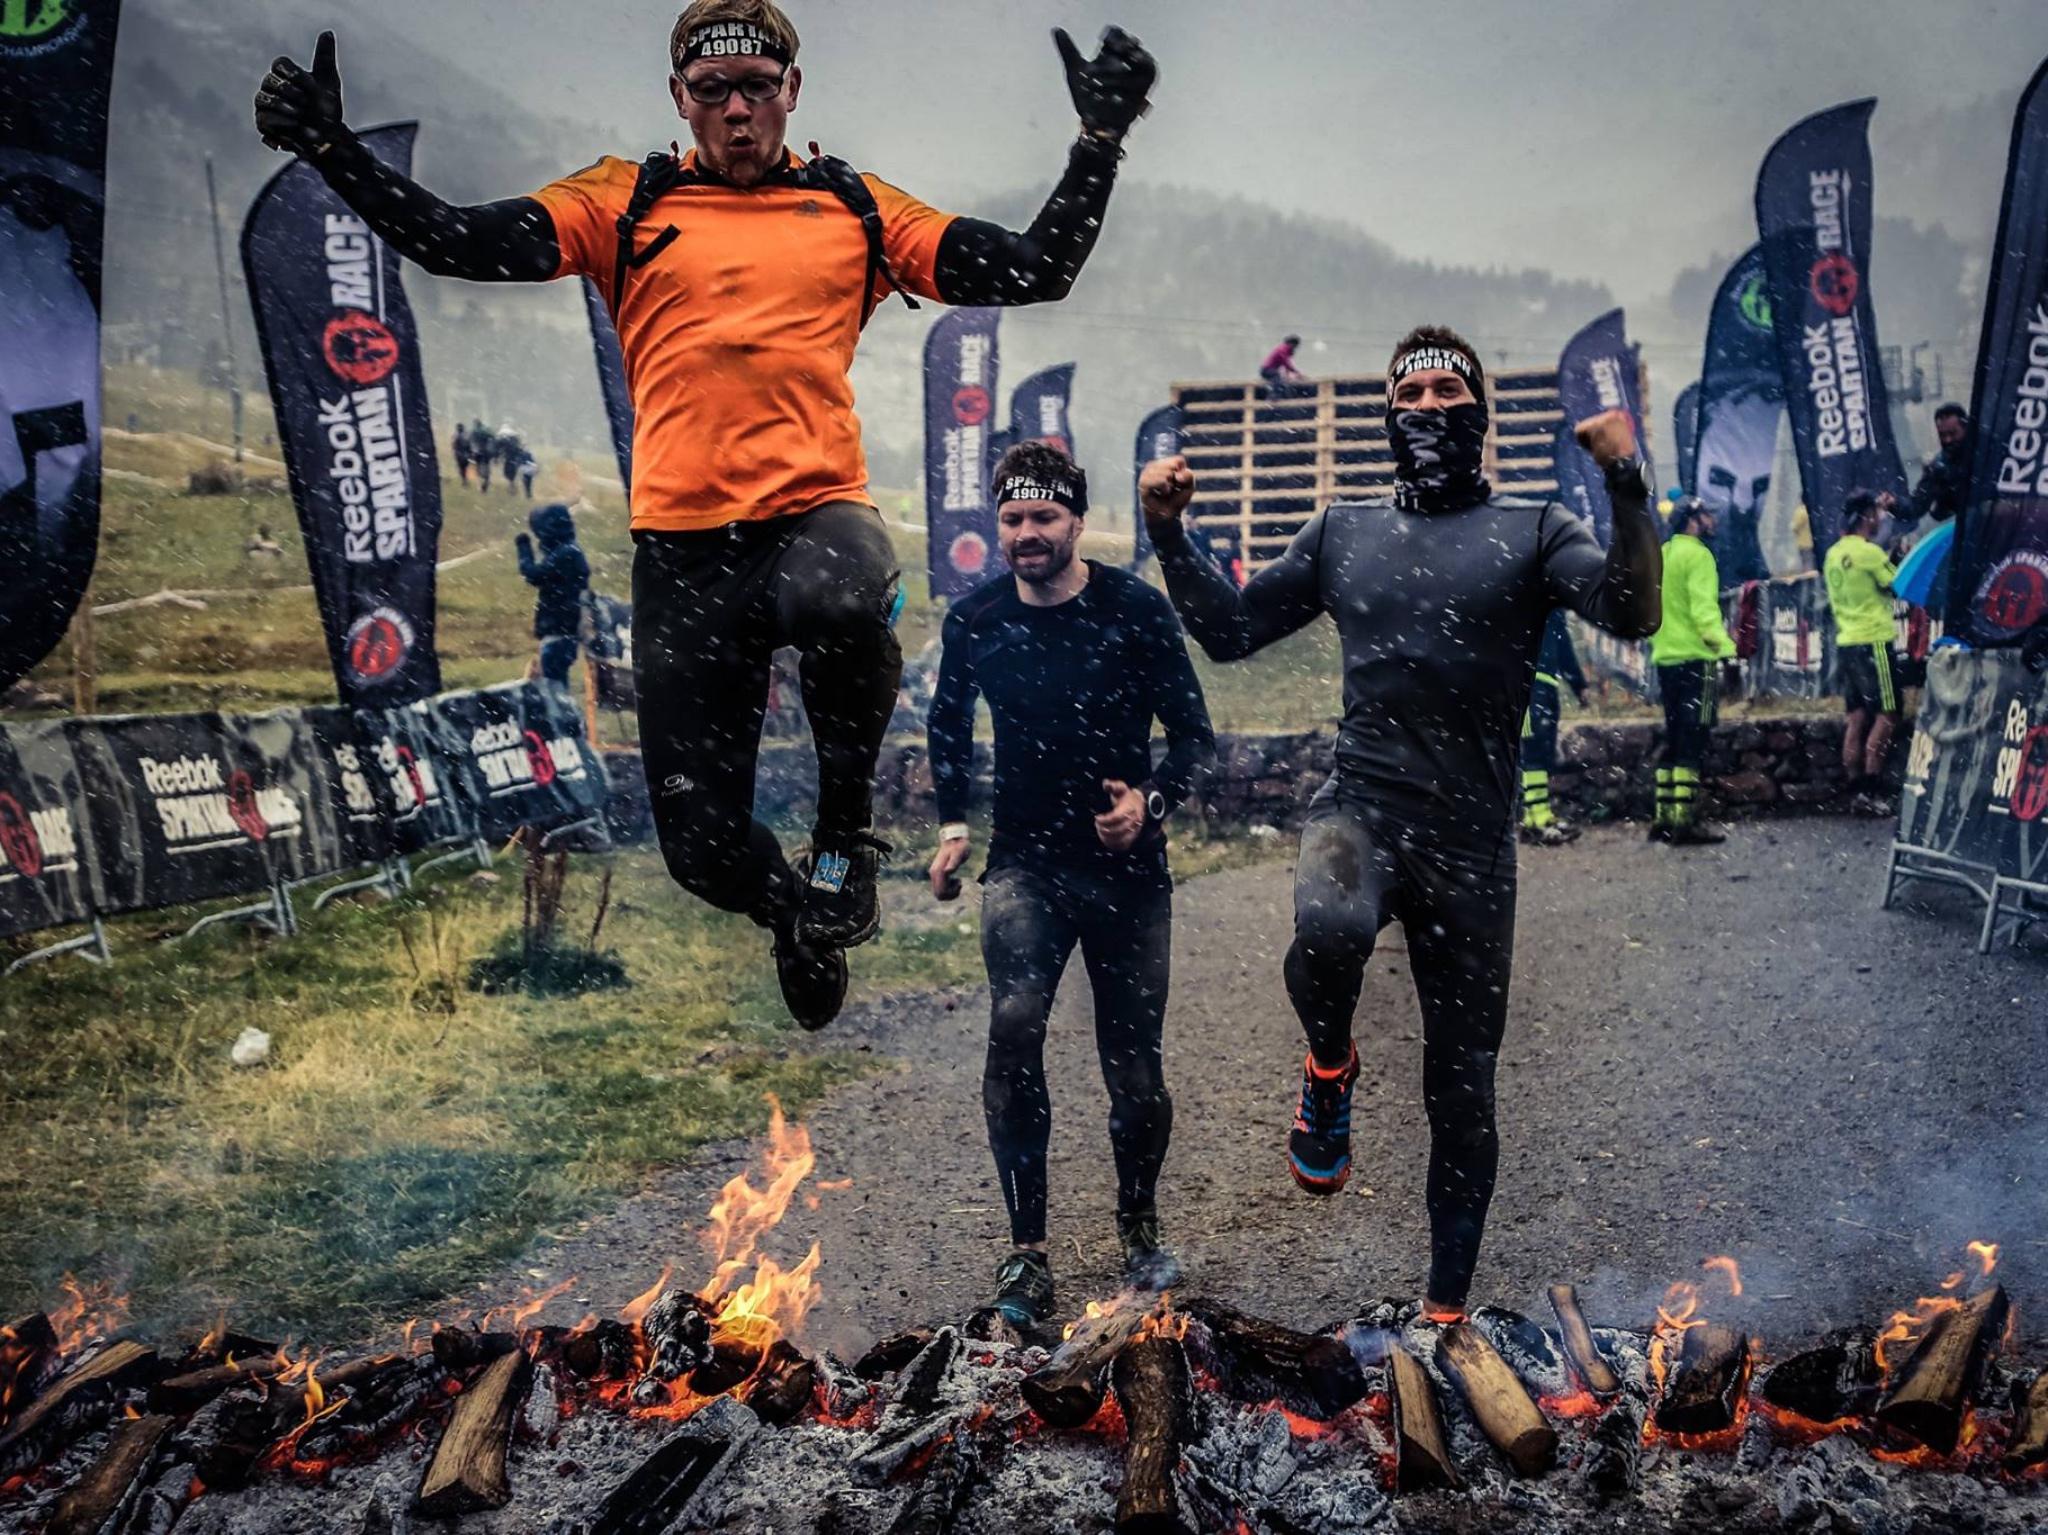 Sven Gehwald springt über ein Feuer bei einem Spartan Race in Andorra. Foto: Sportograf, Sven Gehwald